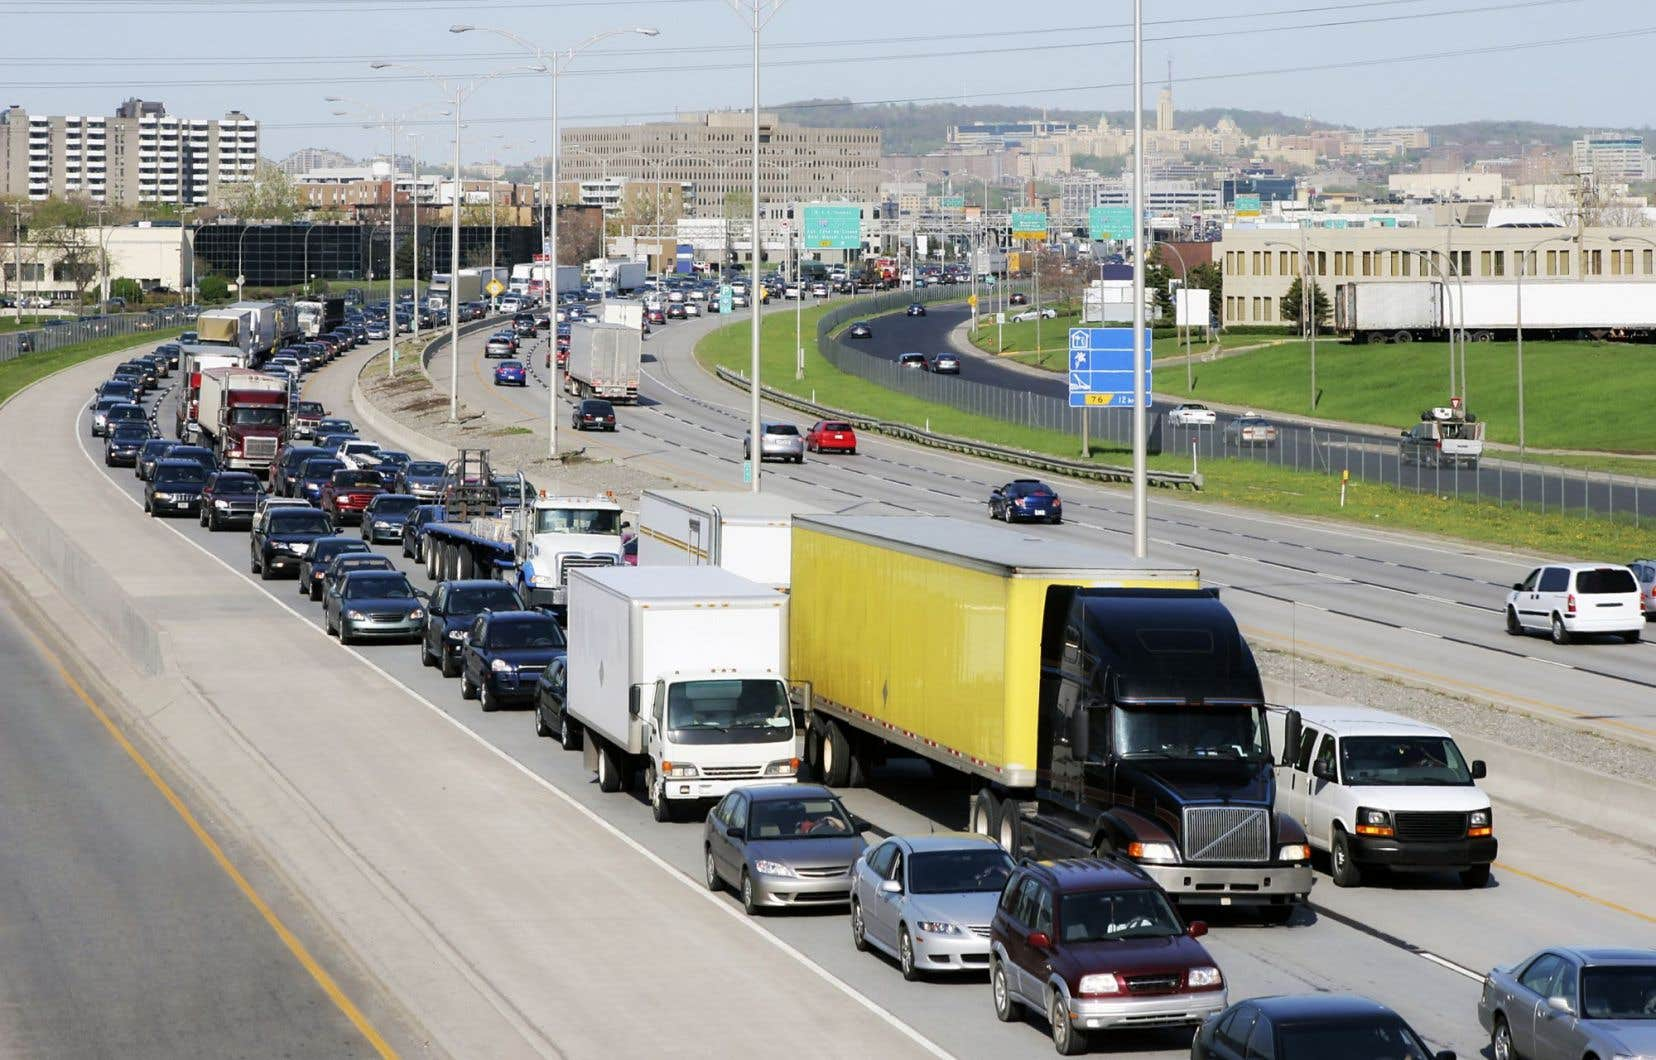 Le Québec devra nécessairement investir massivement dans les modes de transports collectifs et dans l'électrification des transports individuels au cours des prochaines décennies s'il désire effectuer une transition énergétique efficace, souligne le rapport de l'IREC.